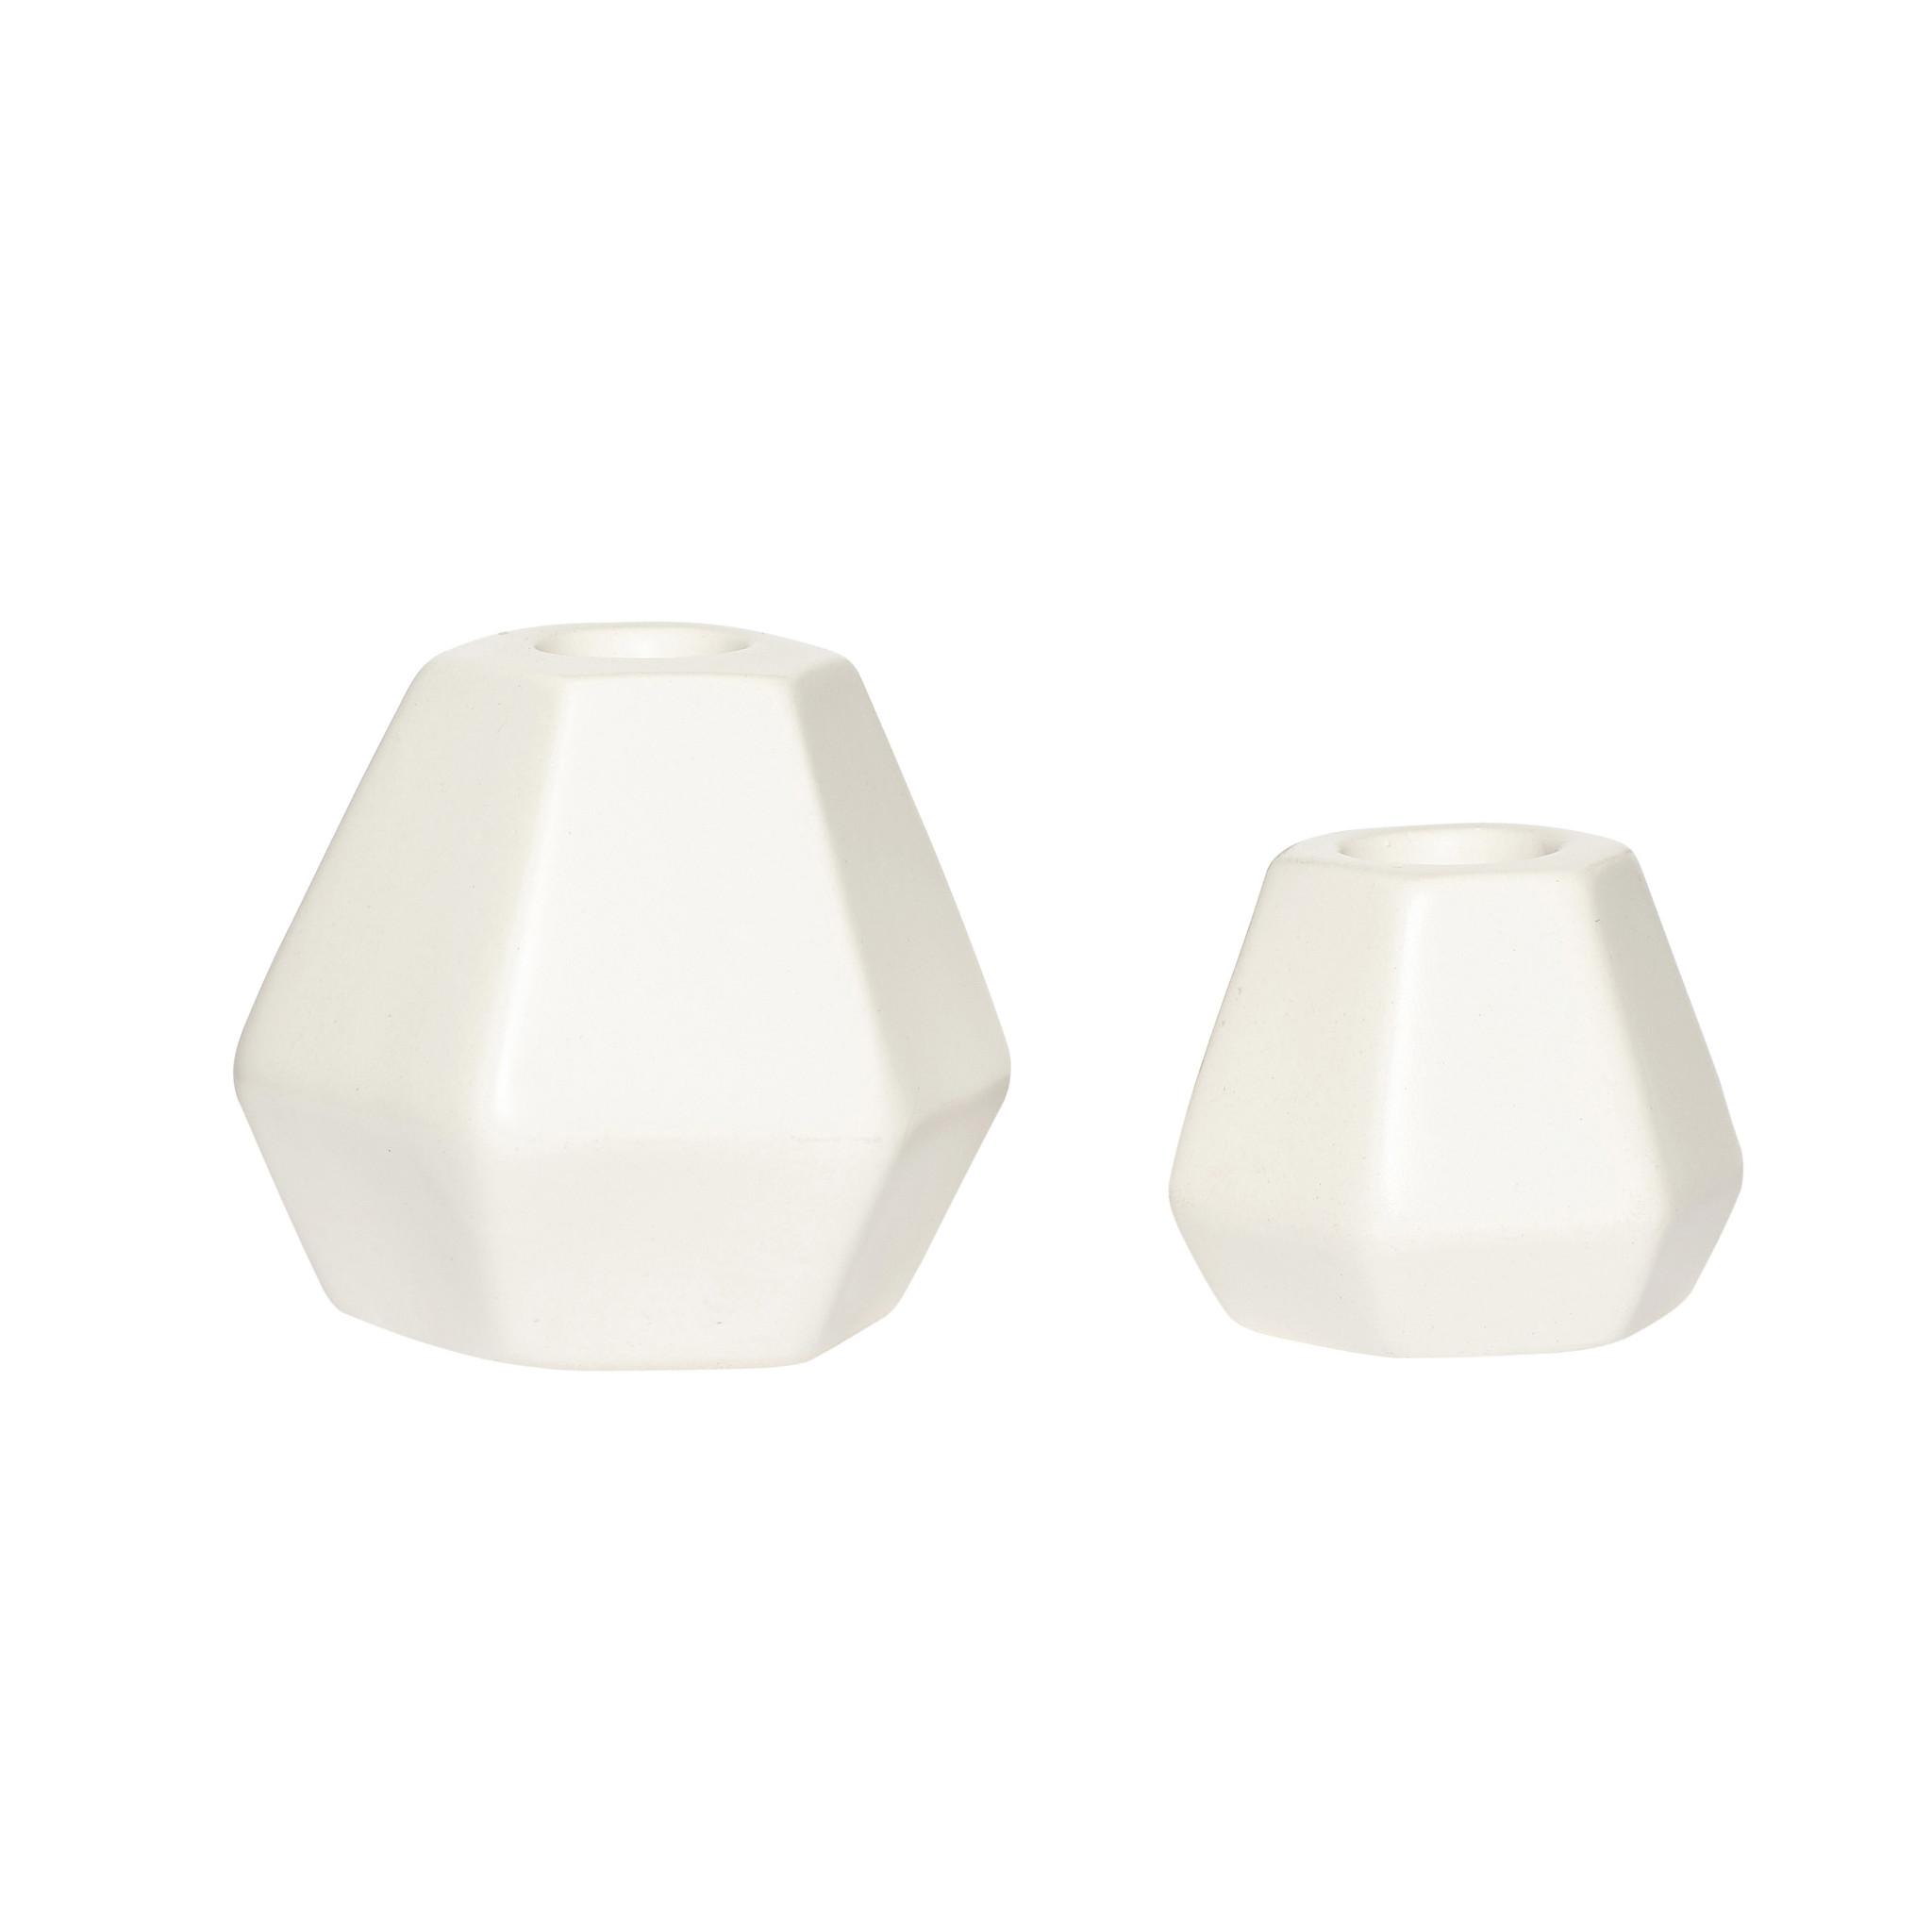 Hubsch Kandelaar, keramiek, wit, set van 2-250109-5712772067918